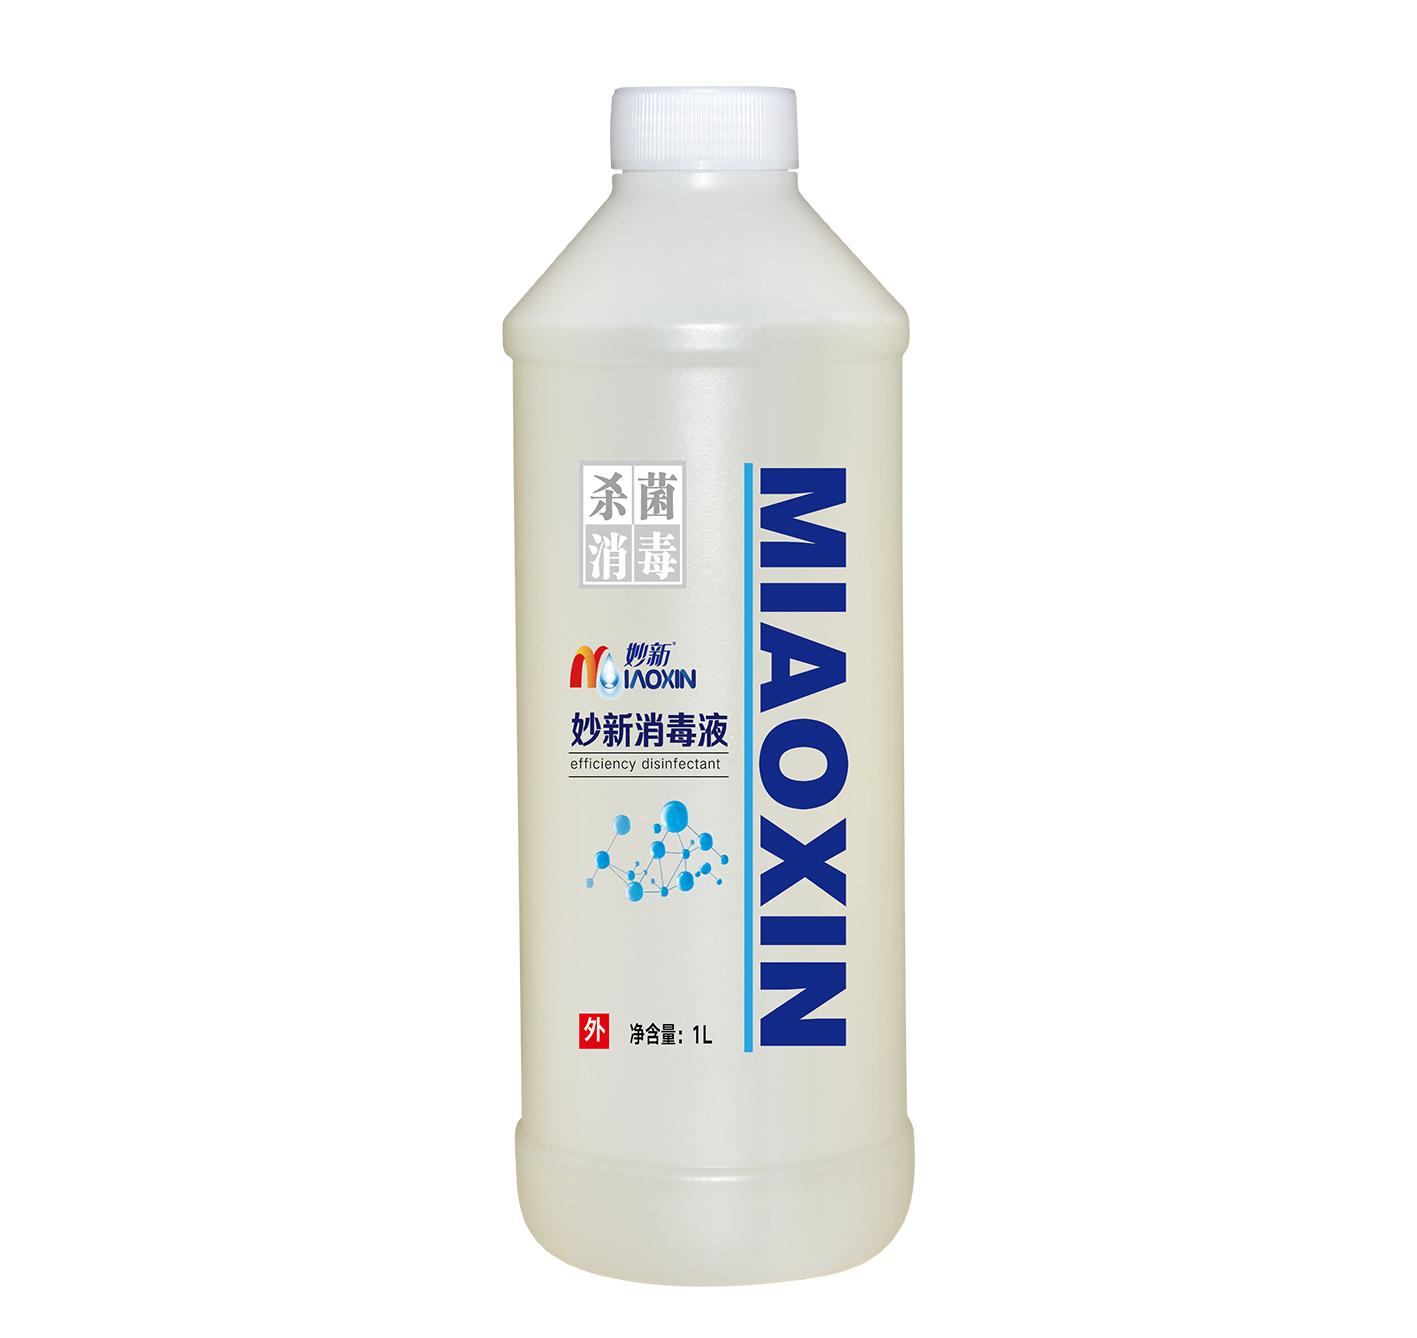 妙新消毒液1L